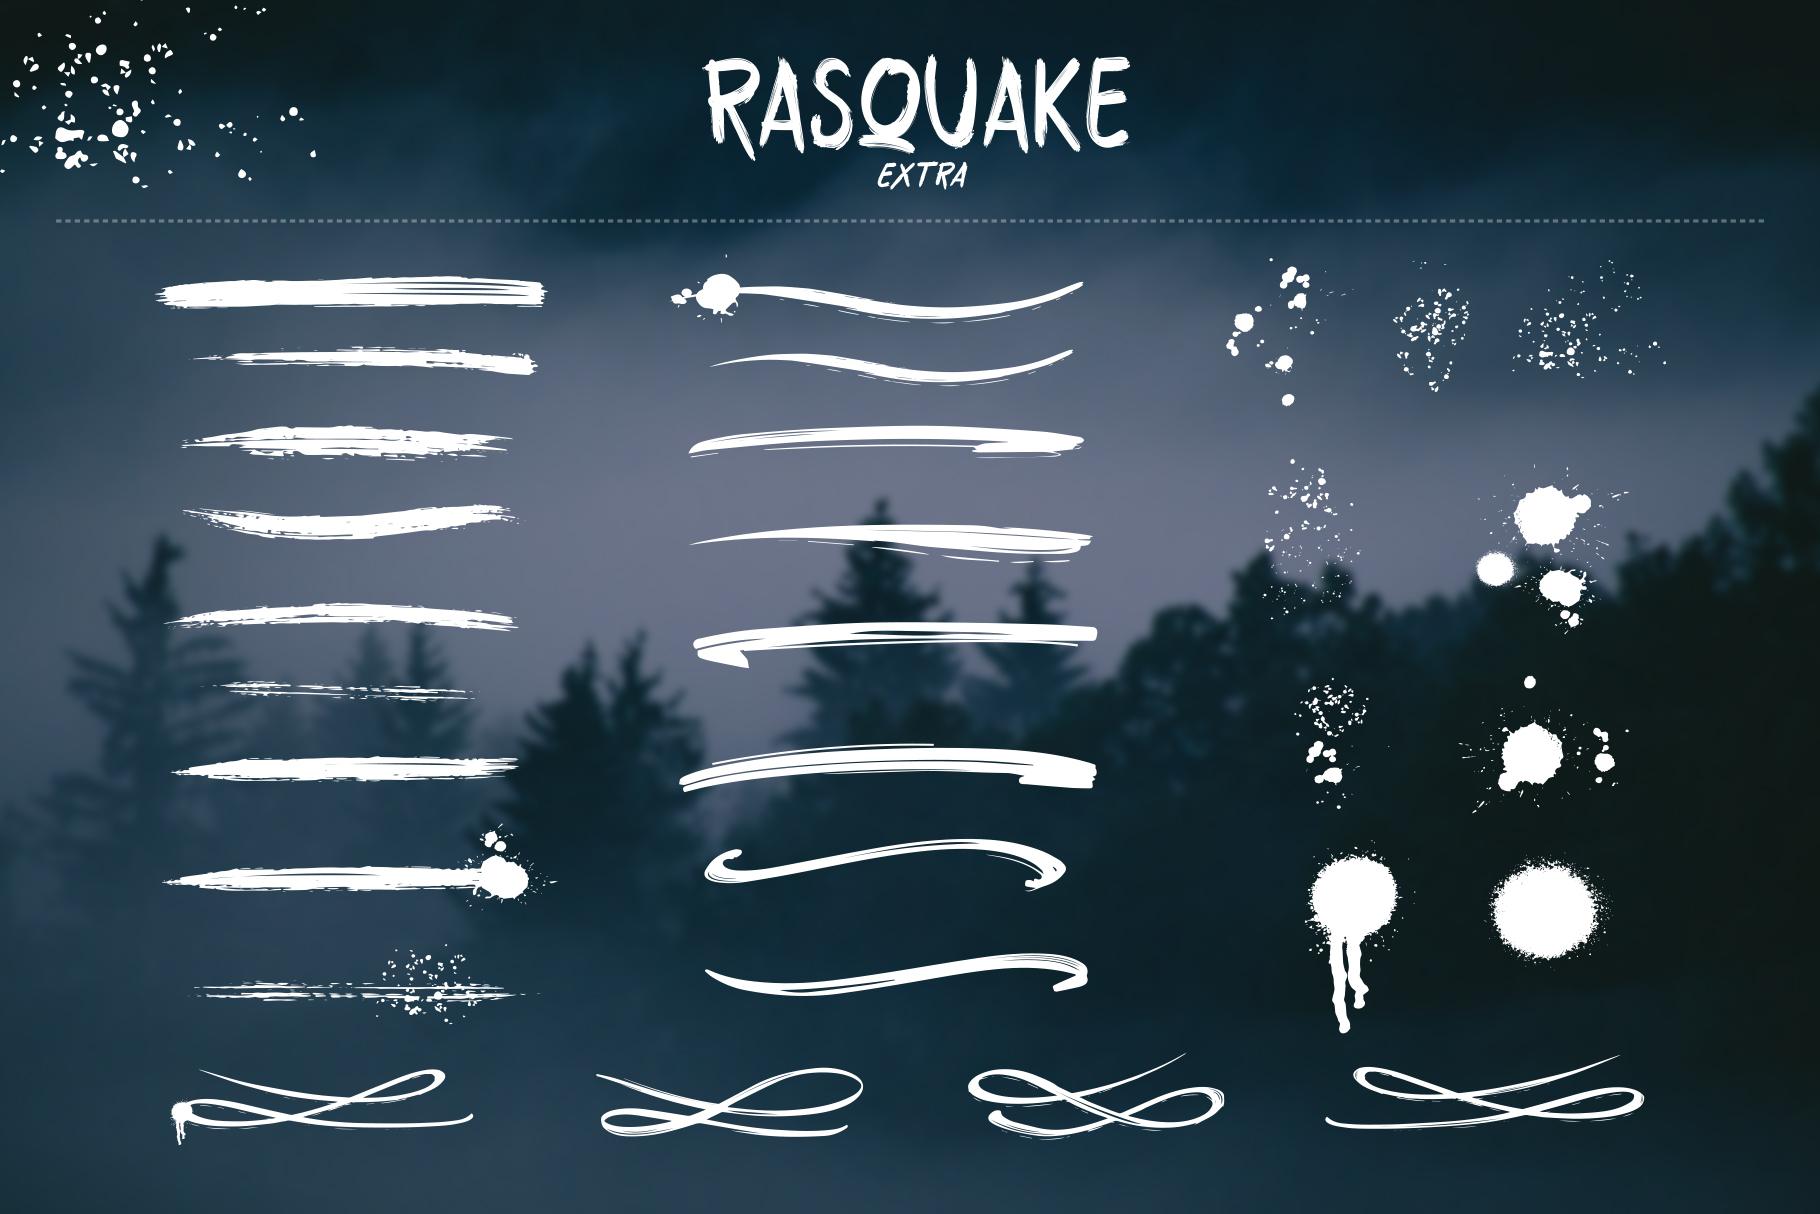 RASQUAKE brush font EXTRA swashes example image 3